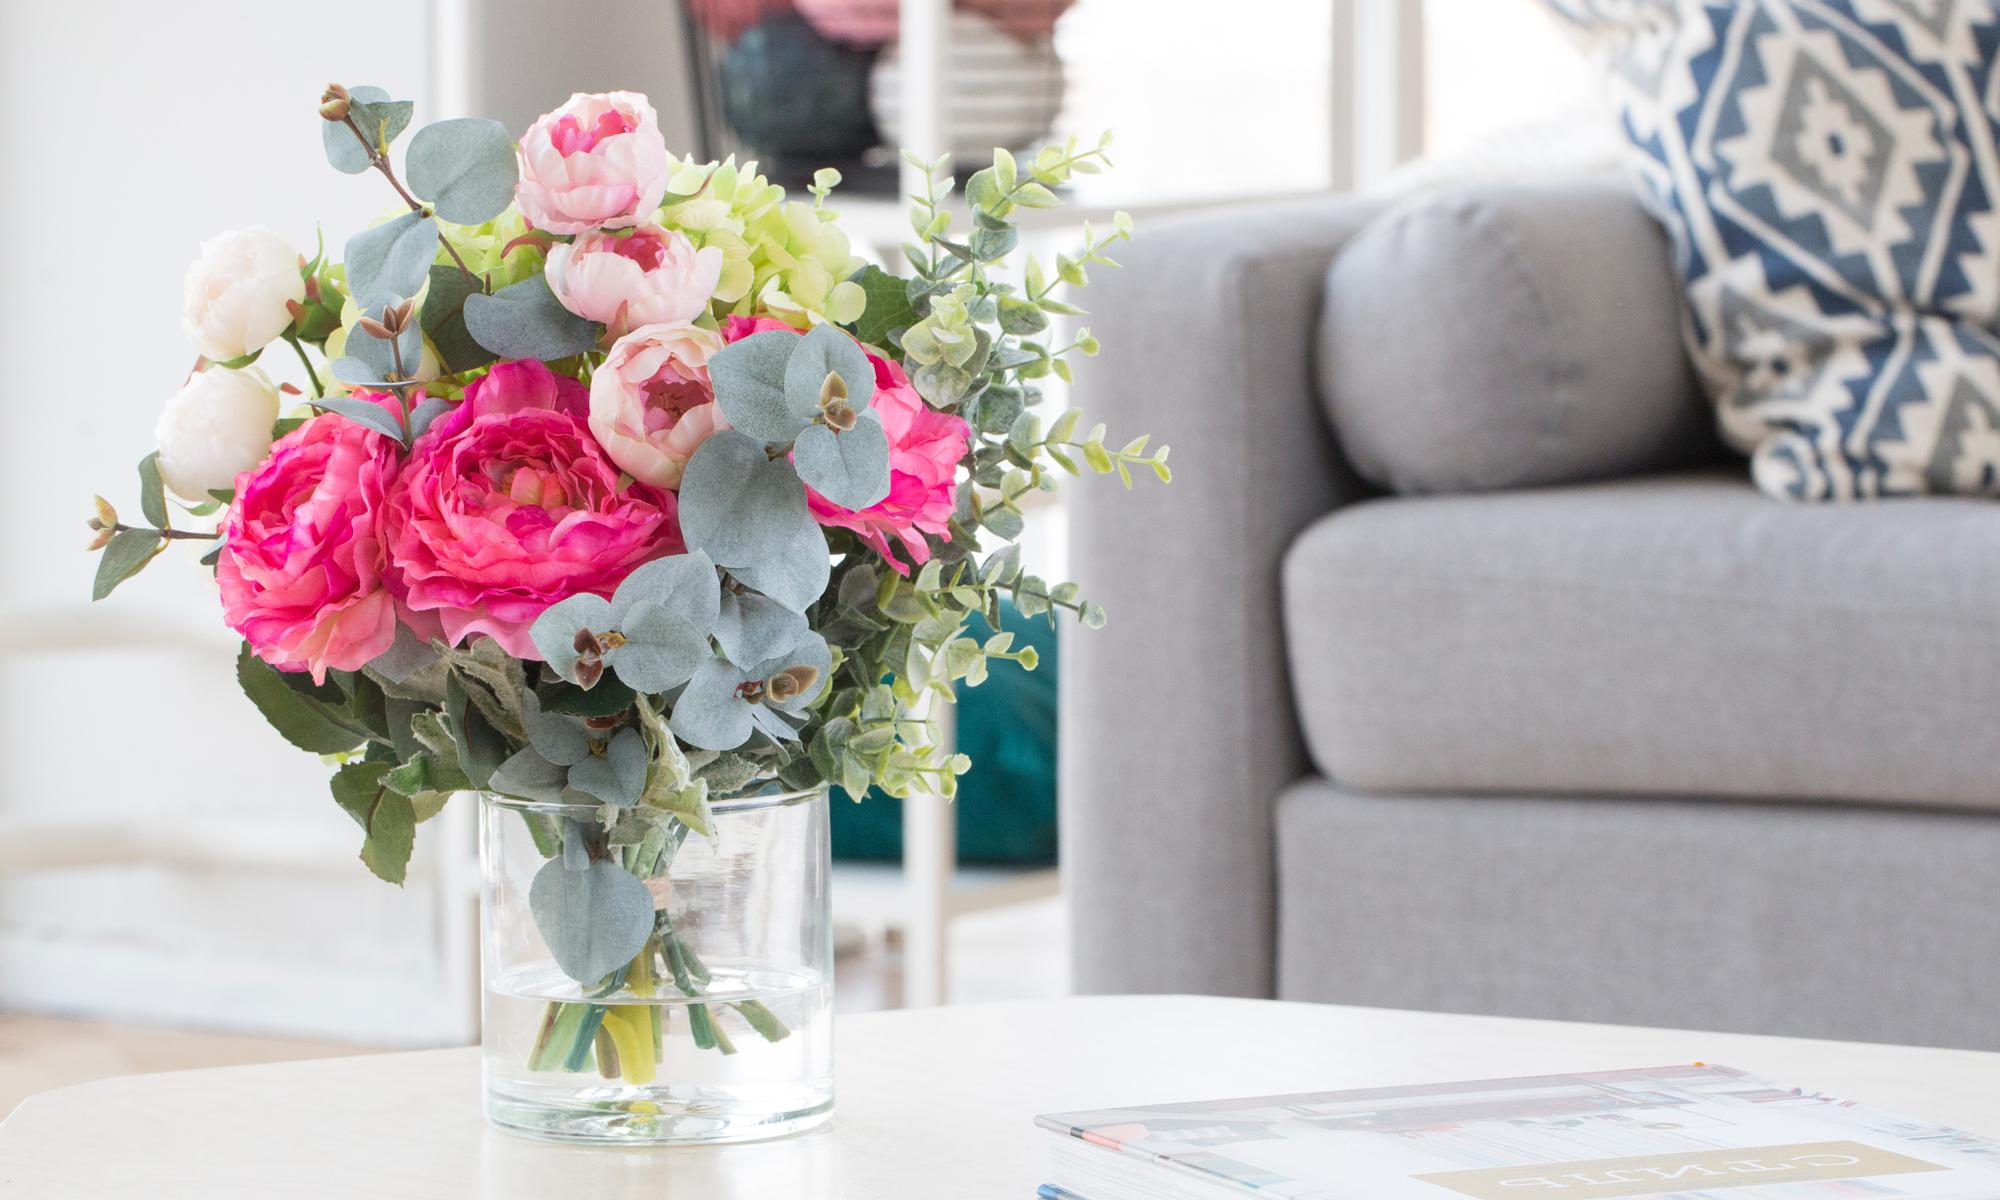 Купить Композиция из искусственных цветов - сочная гортензия, ранункулюсы, эвкалипт, inmyroom, Россия